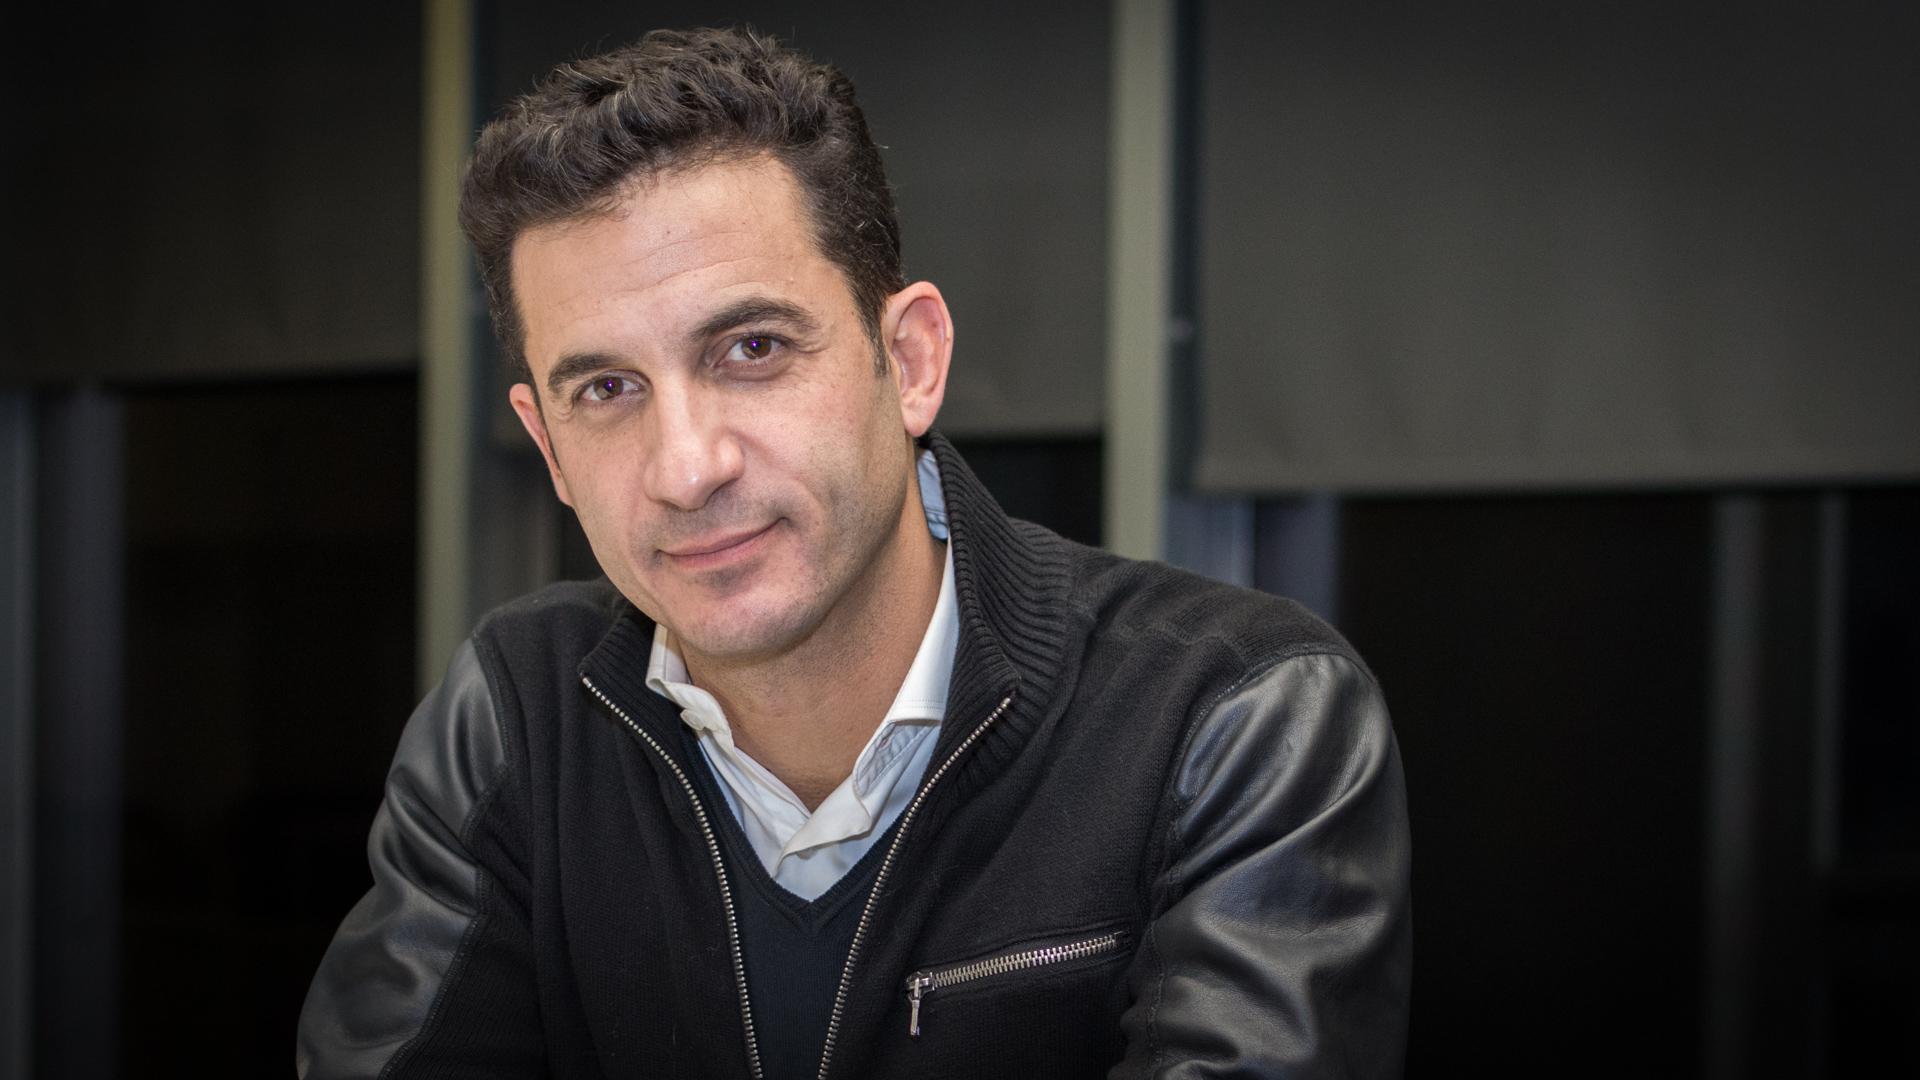 Matías Tombolini (Martín Rosenzveig)